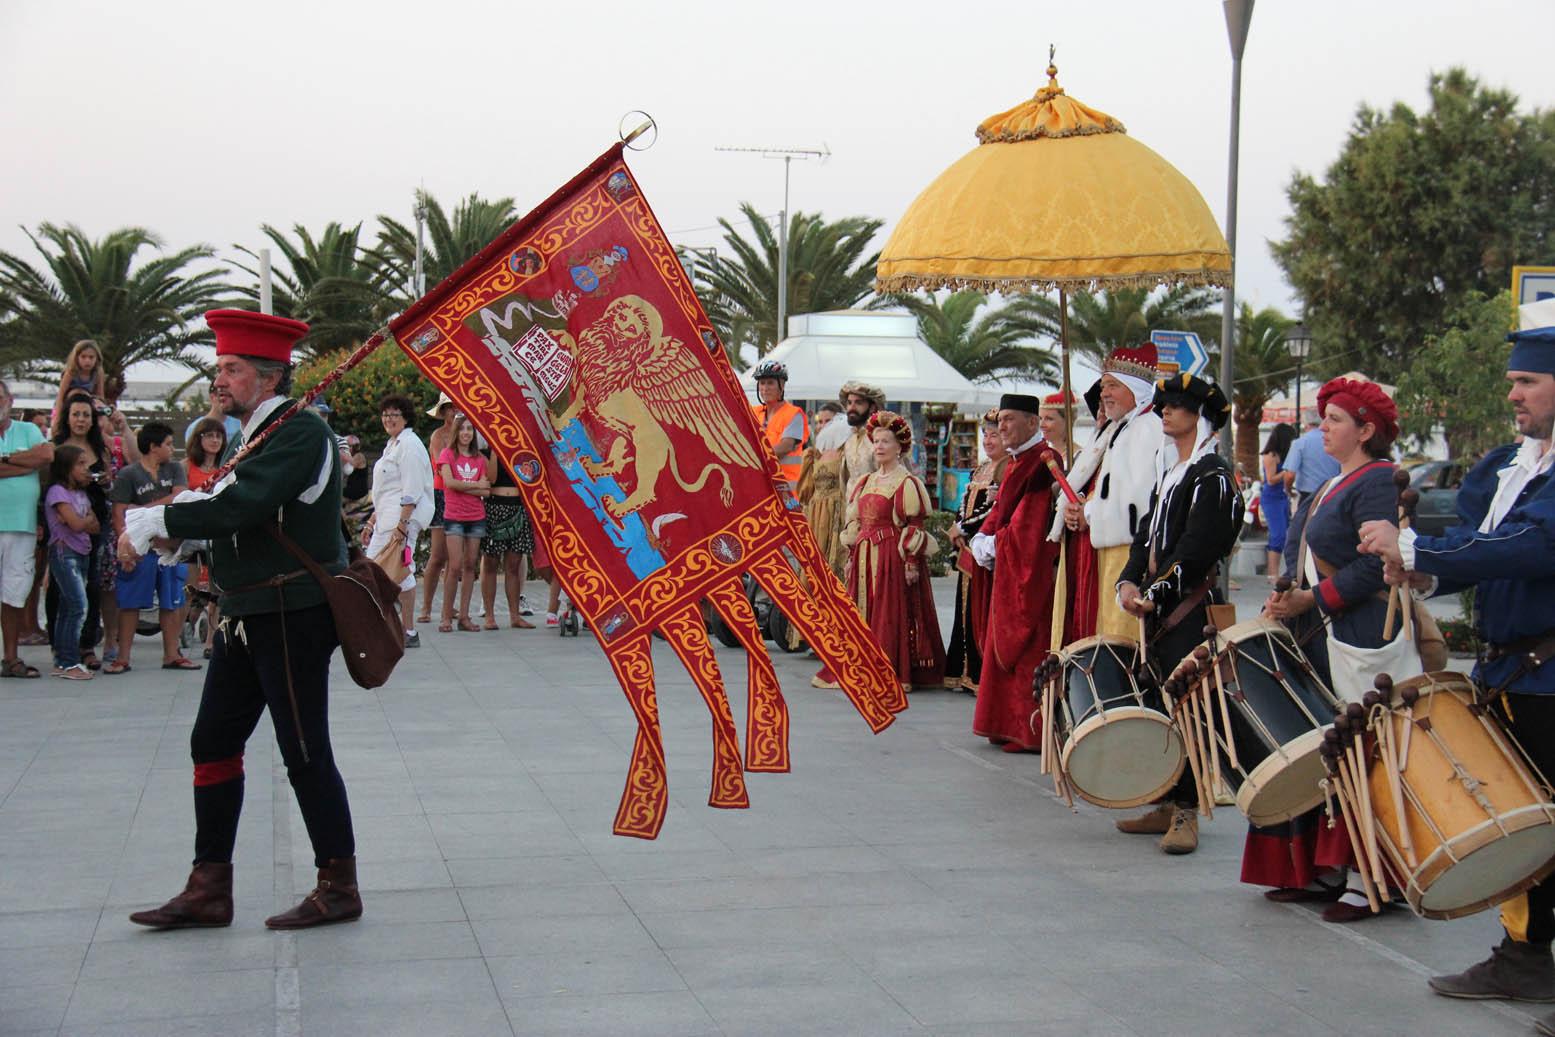 Οι CERS στο Αναγεννησιακού Φεστιβάλ